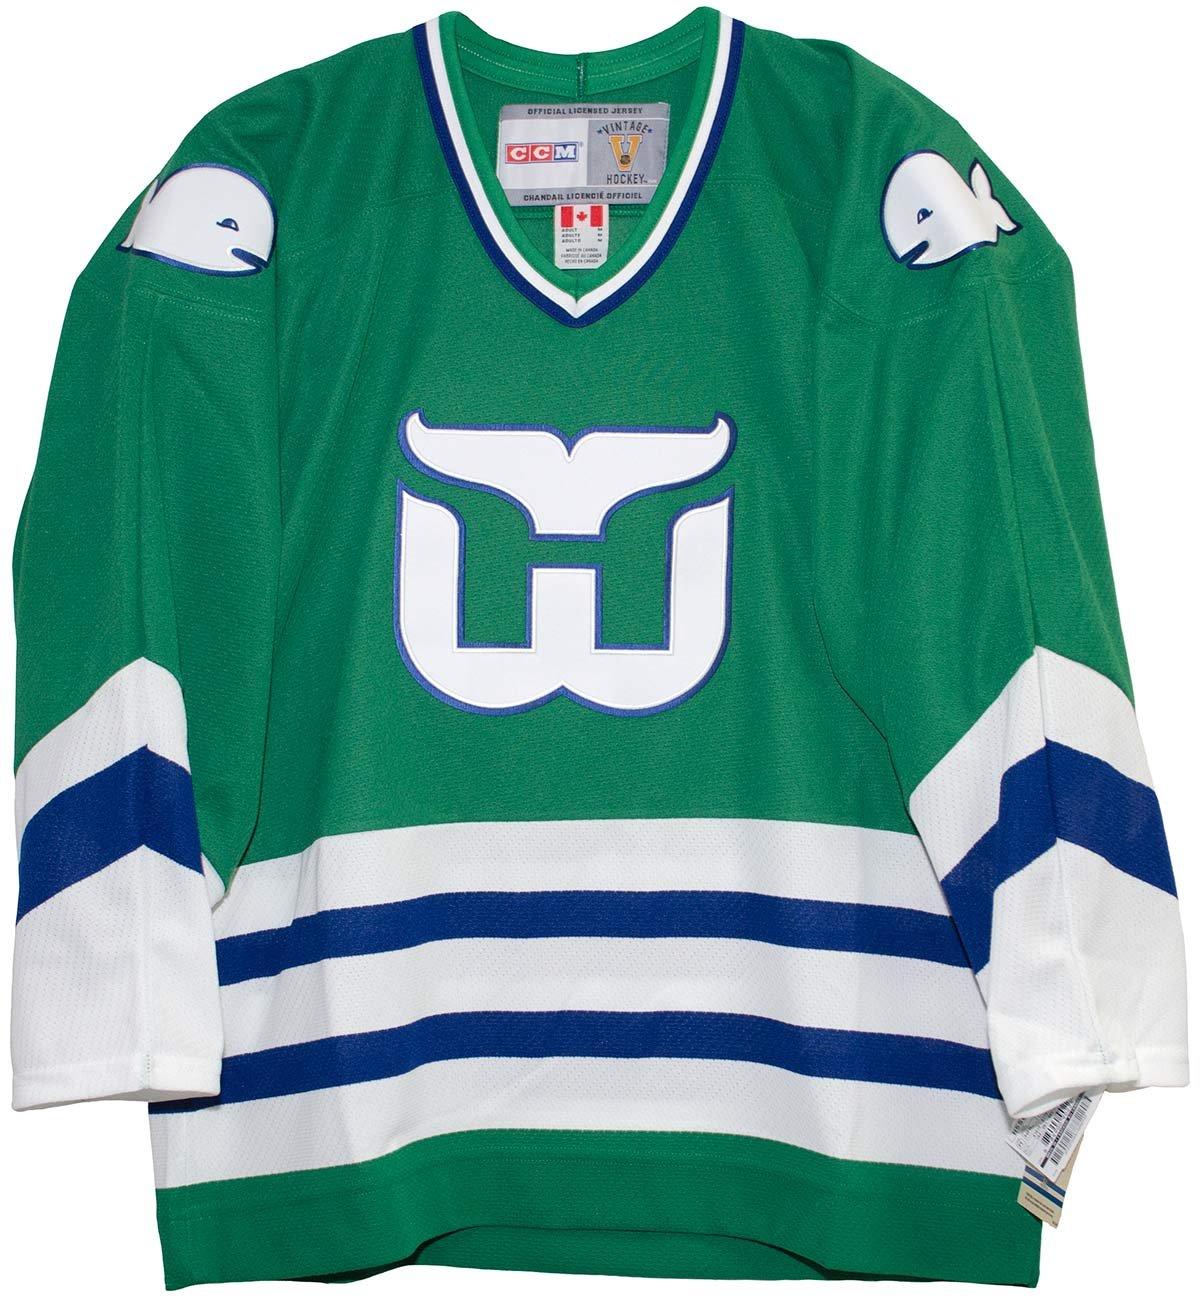 nhl jerseys for sale vintage nhl jerseys hartford whalers message ... 1ec5c34ce